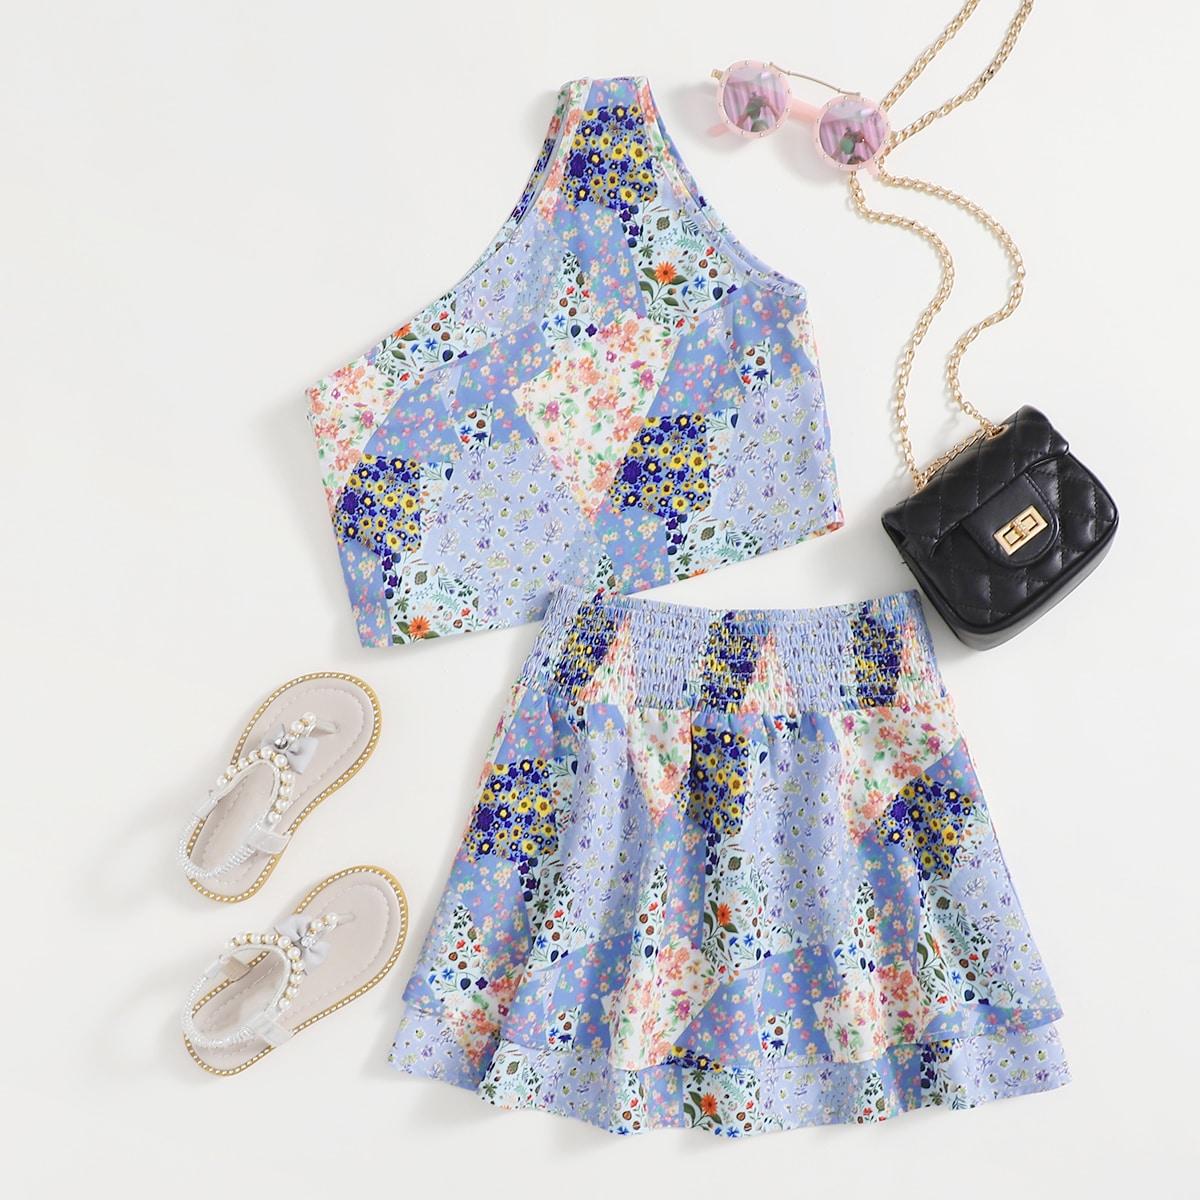 Girls One Shoulder Ditsy Floral Top & Shirred Panel Skirt Set